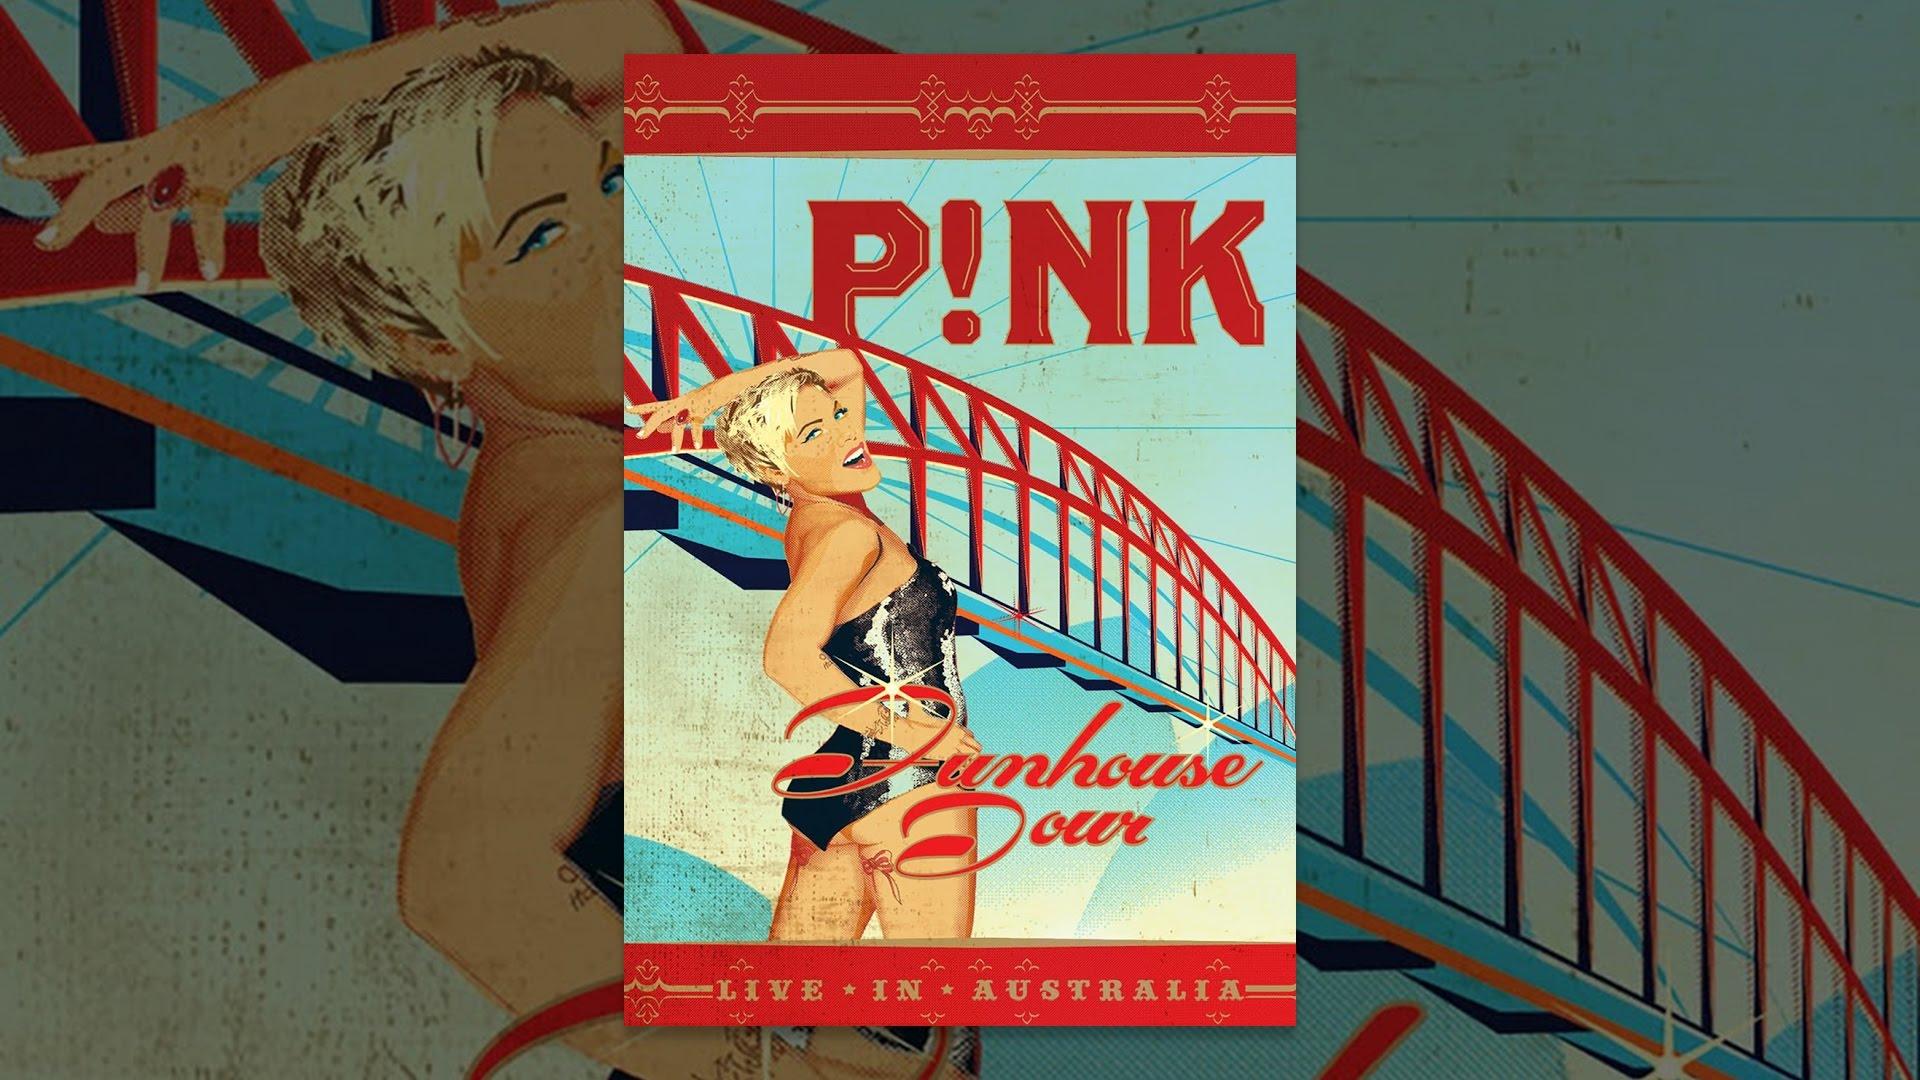 Pink Funhouse Tour Australia